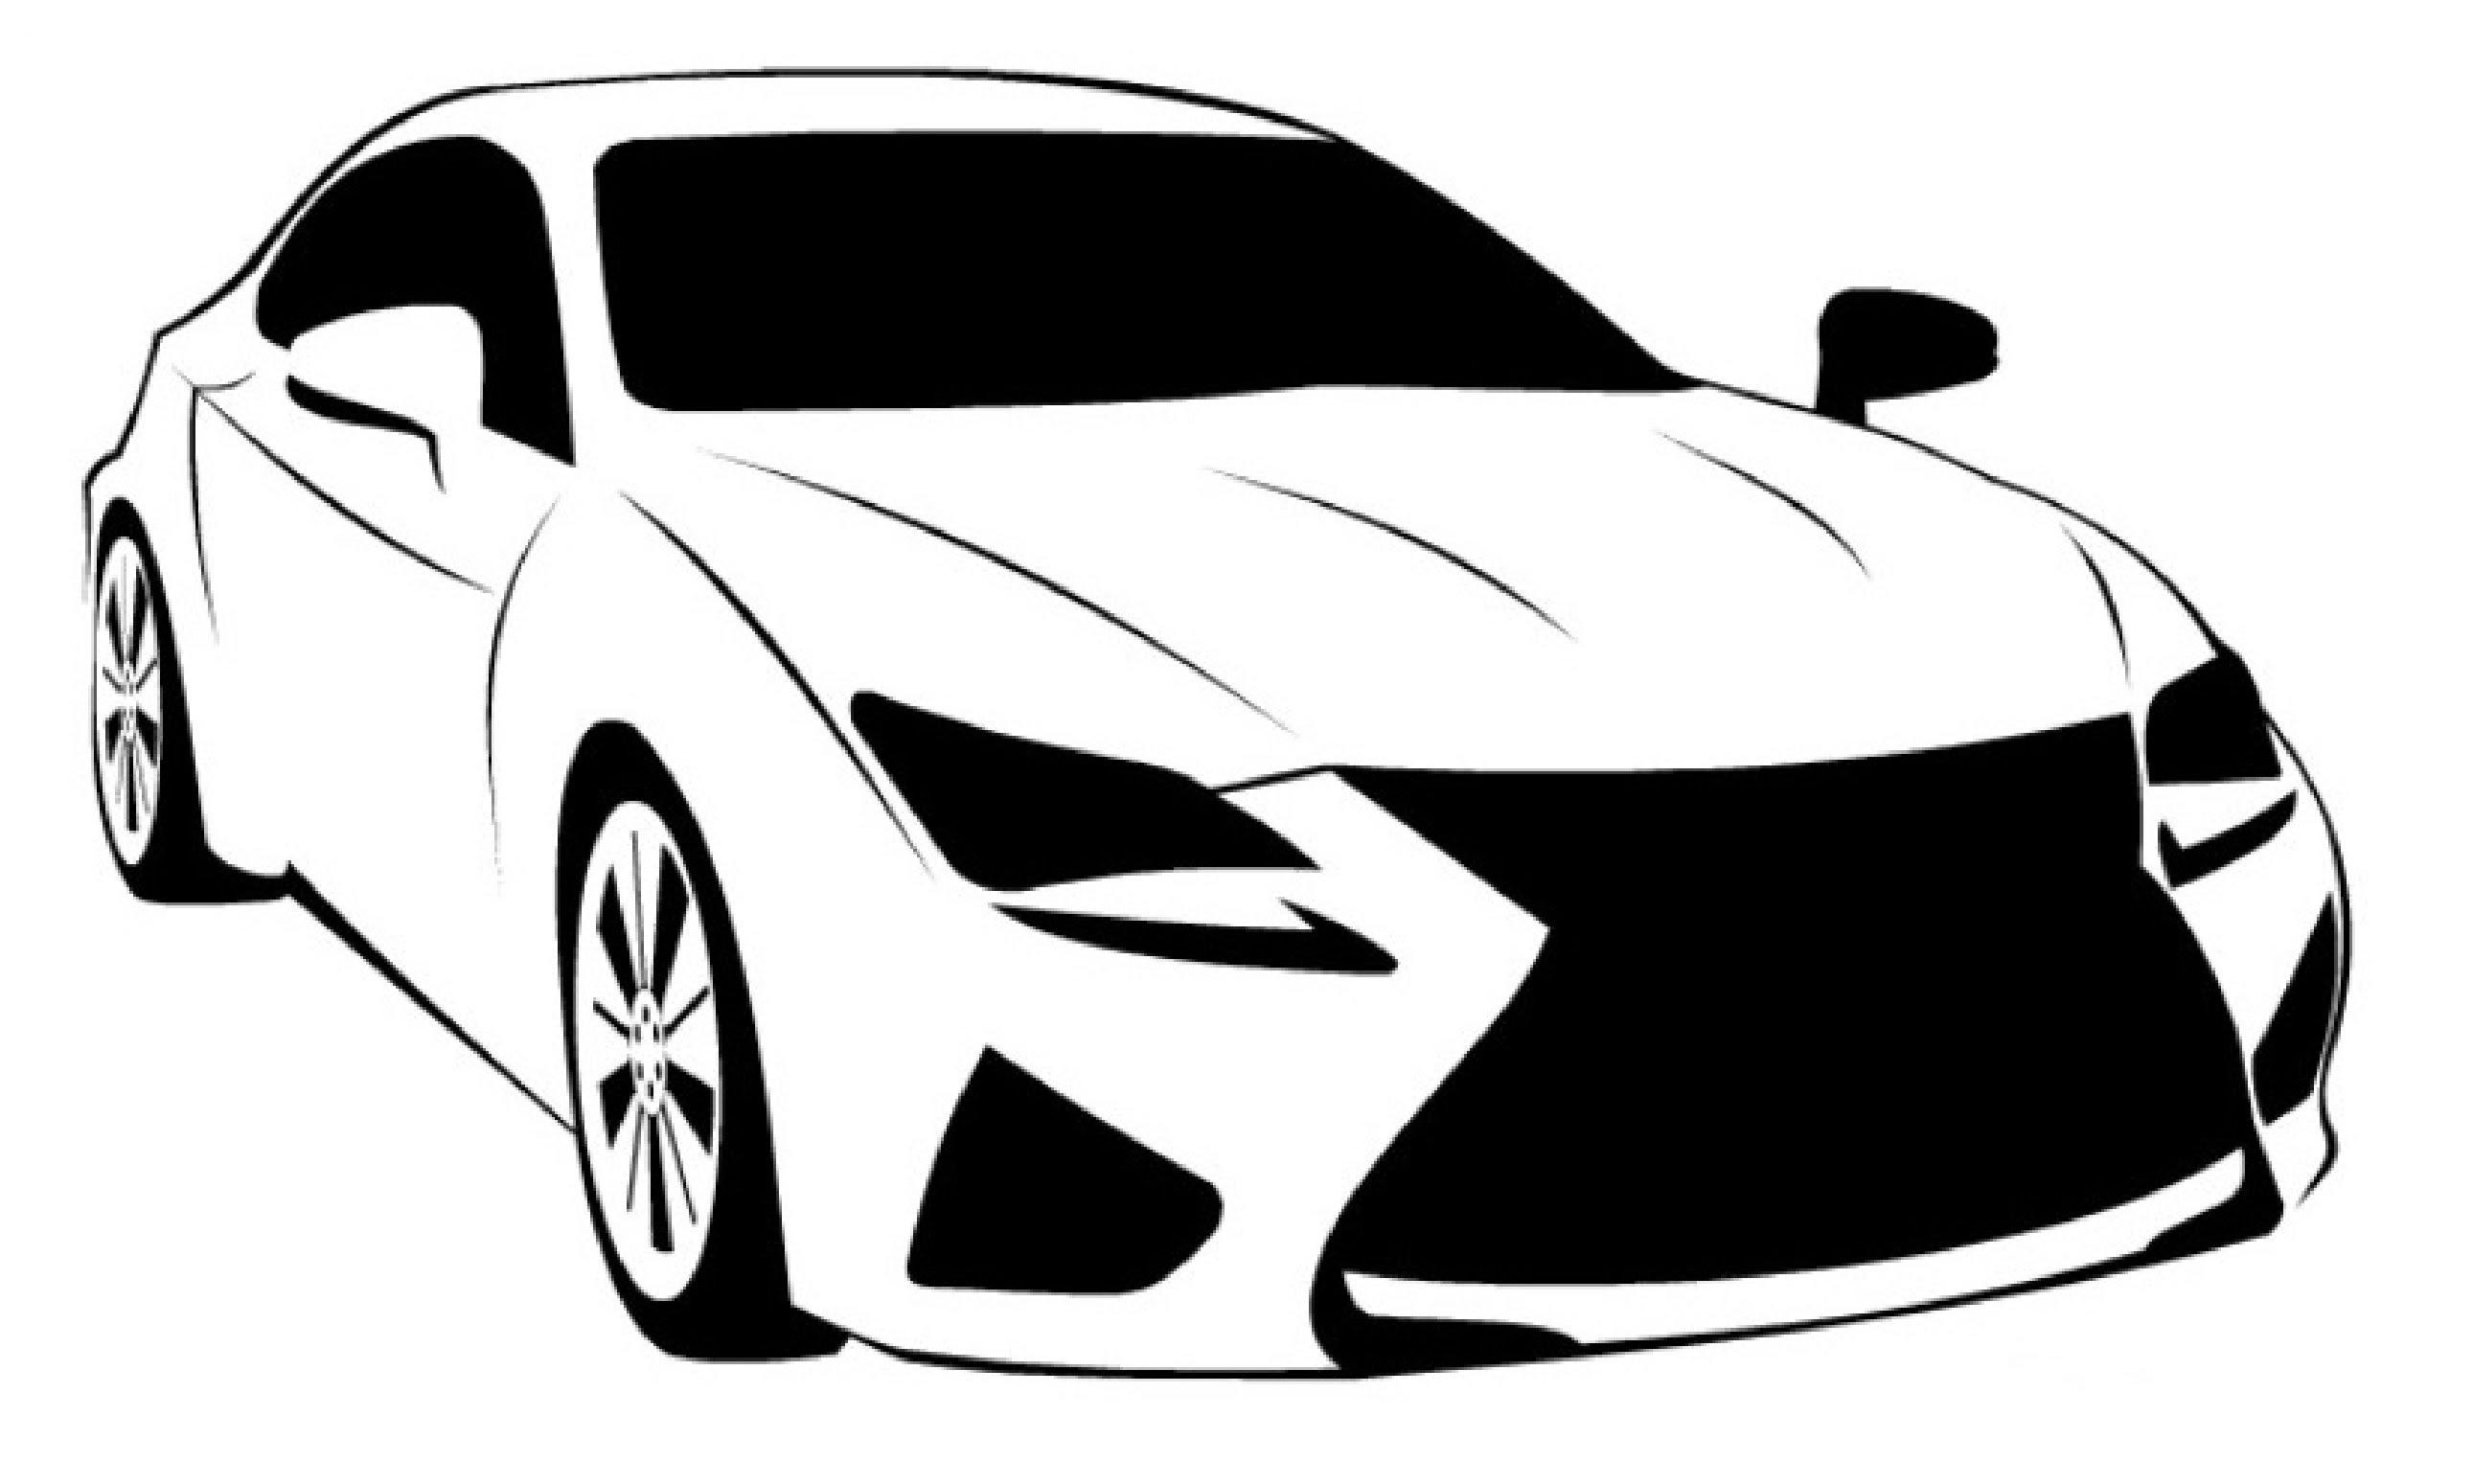 corvette silhouette clip art at getdrawings com free for personal rh getdrawings com corvette clip art black and white corvette clip art cars